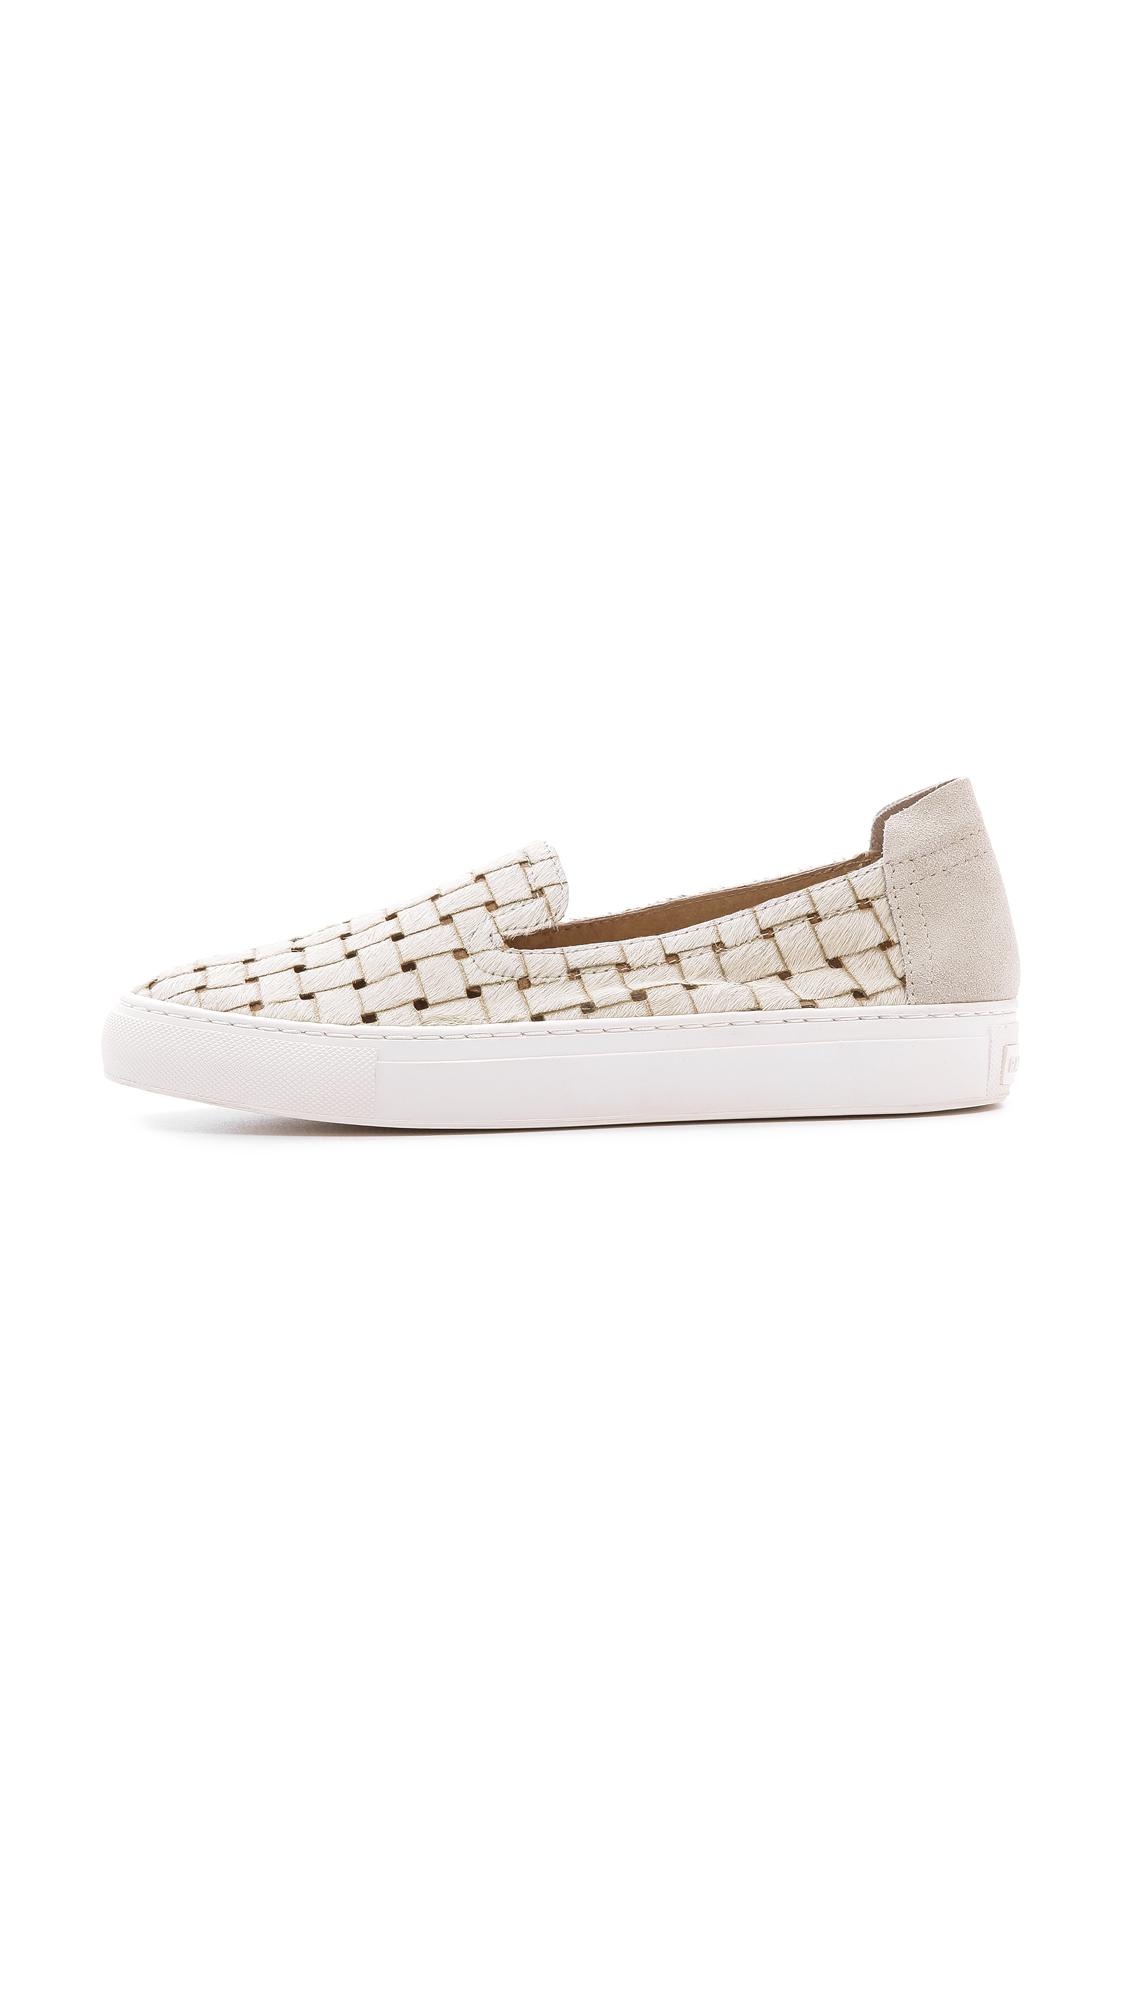 Rachel Zoe Burke Slip On Sneakers | SHOPBOP